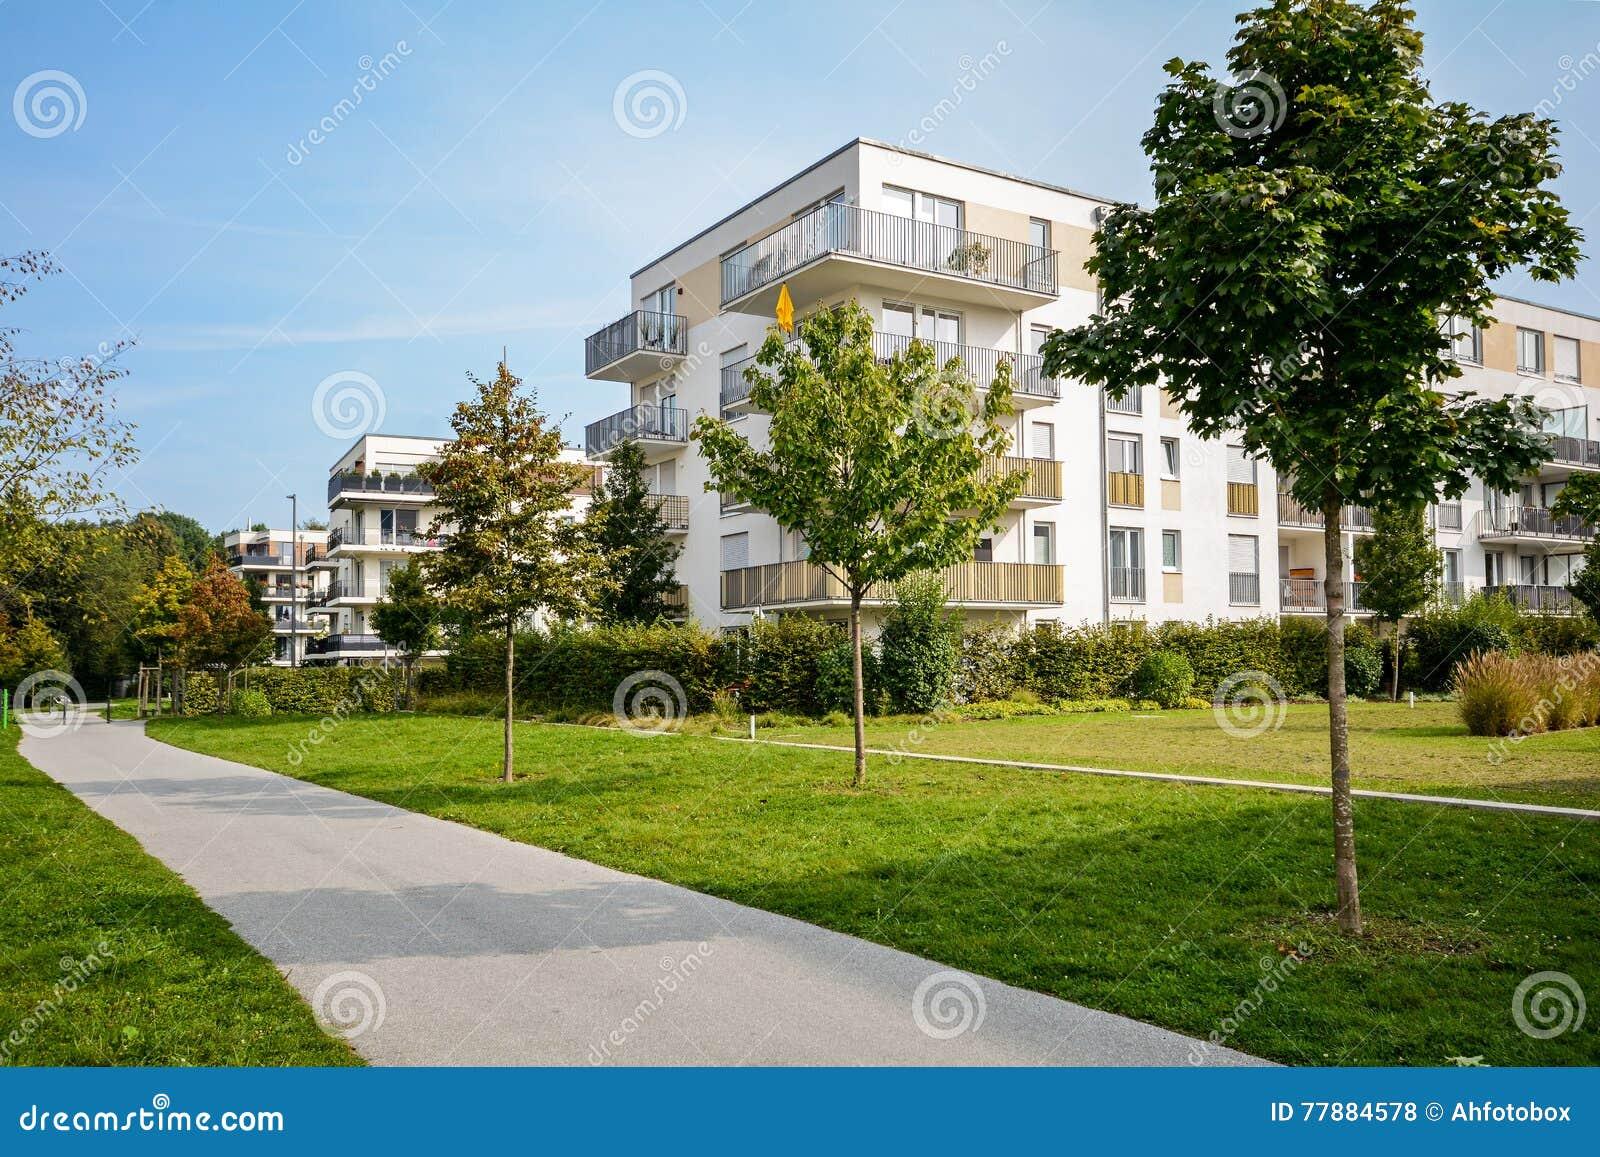 Nieuw flatgebouw - moderne woonontwikkeling in een groene stedelijke regeling